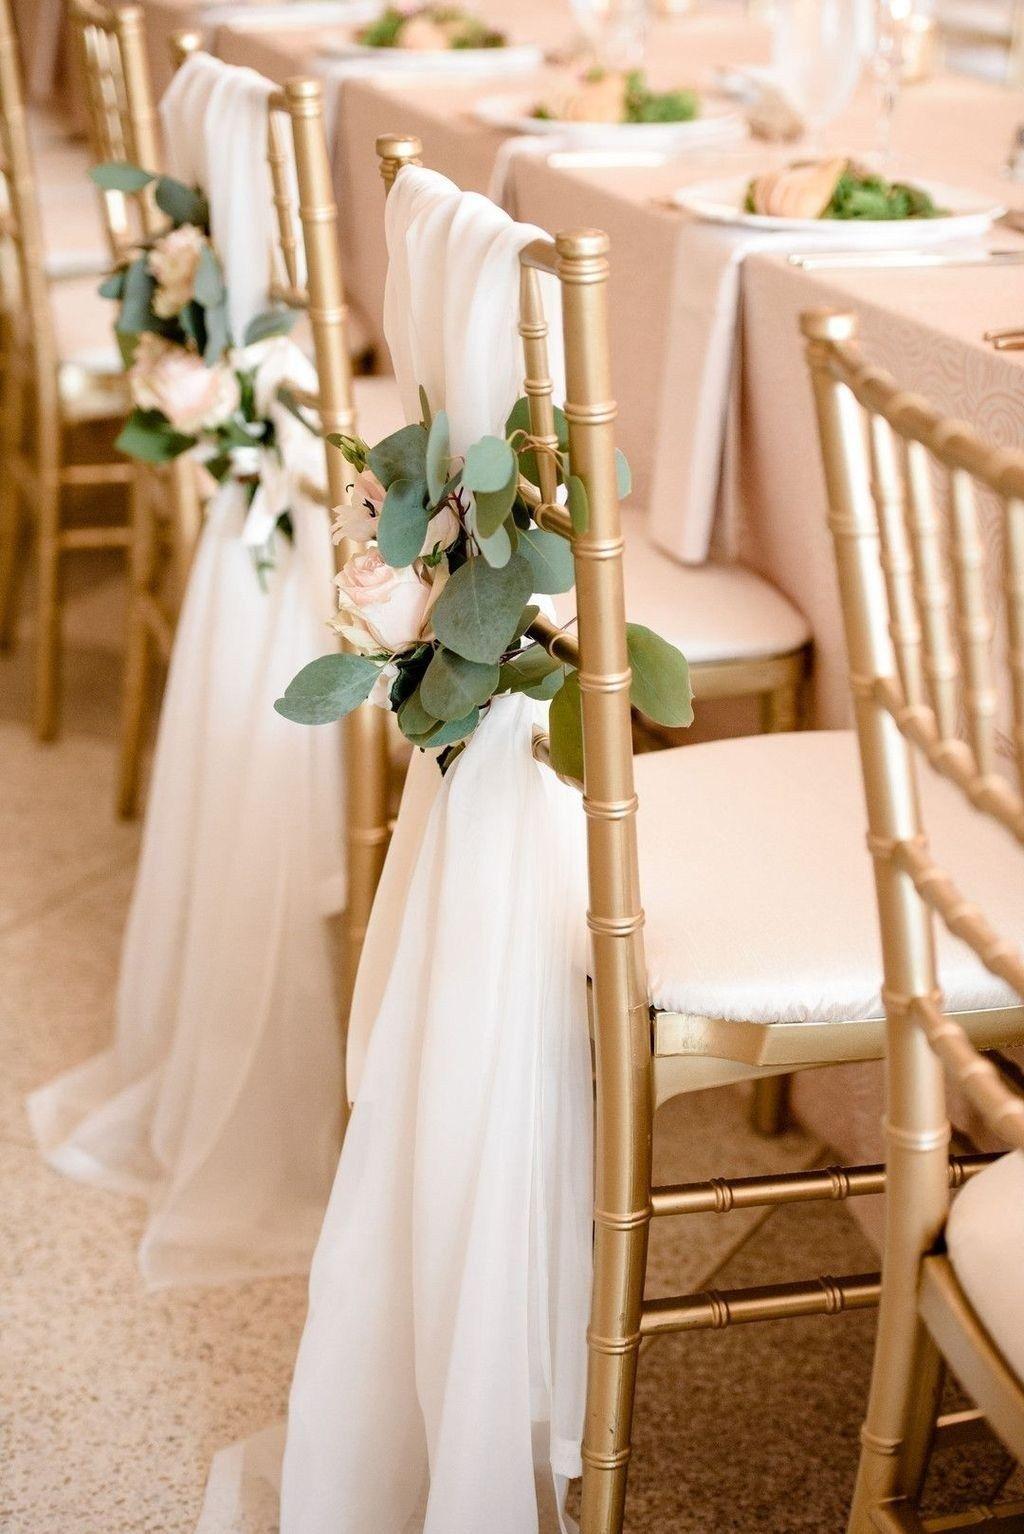 Prachtige zomer bruiloft decoratie ideeën die je kunt proberen 06